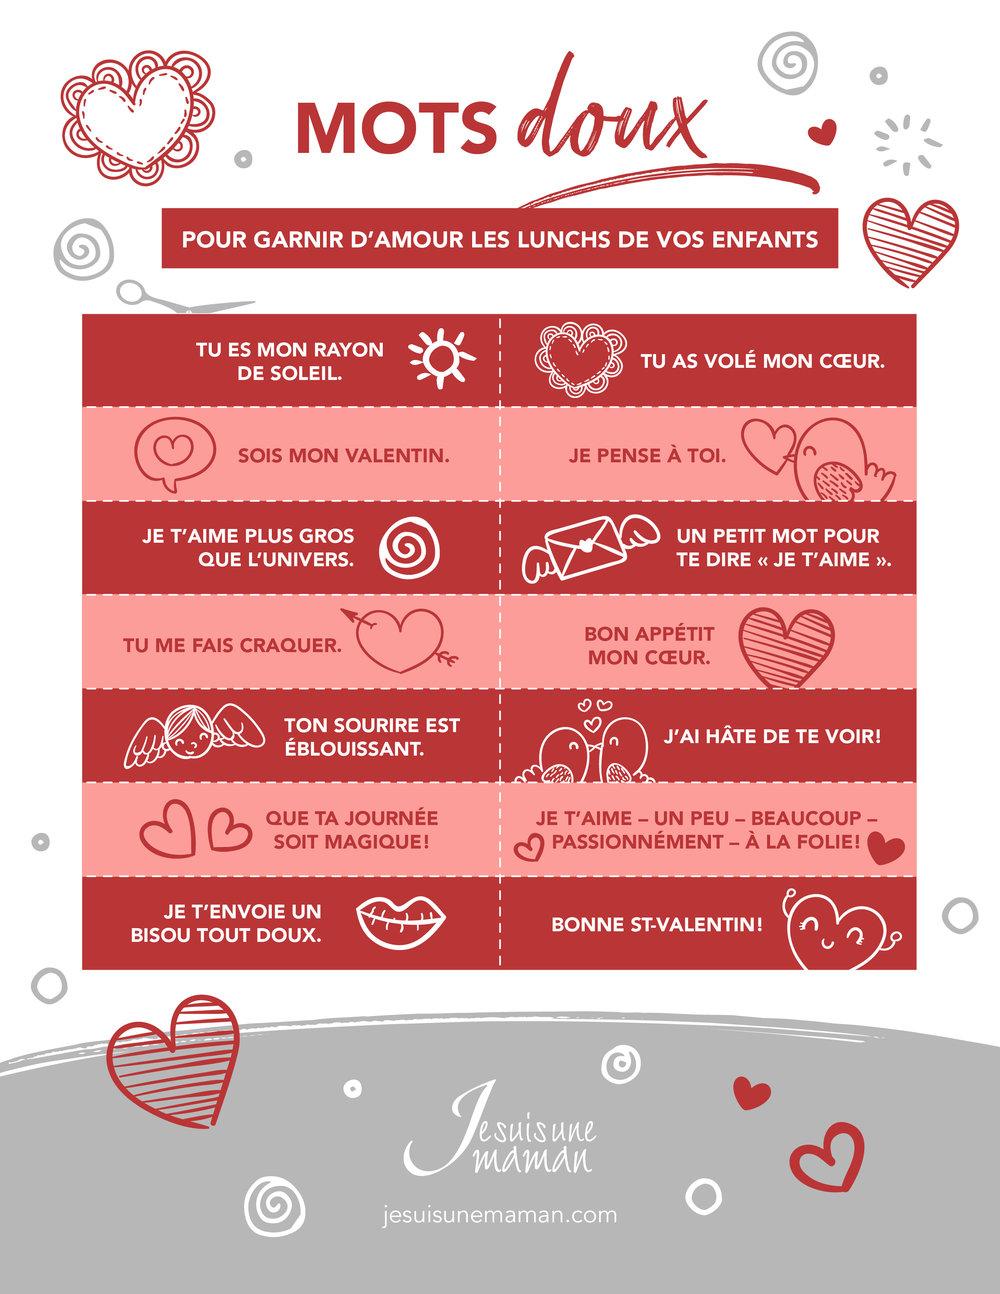 Mots doux pour la boite à lunch-StValentin-Saint Valentin-amour-célébrer l'amour-Février-souligner la SaintValentin-enfants-familles-valentins-mots d'amour-Je suis une maman